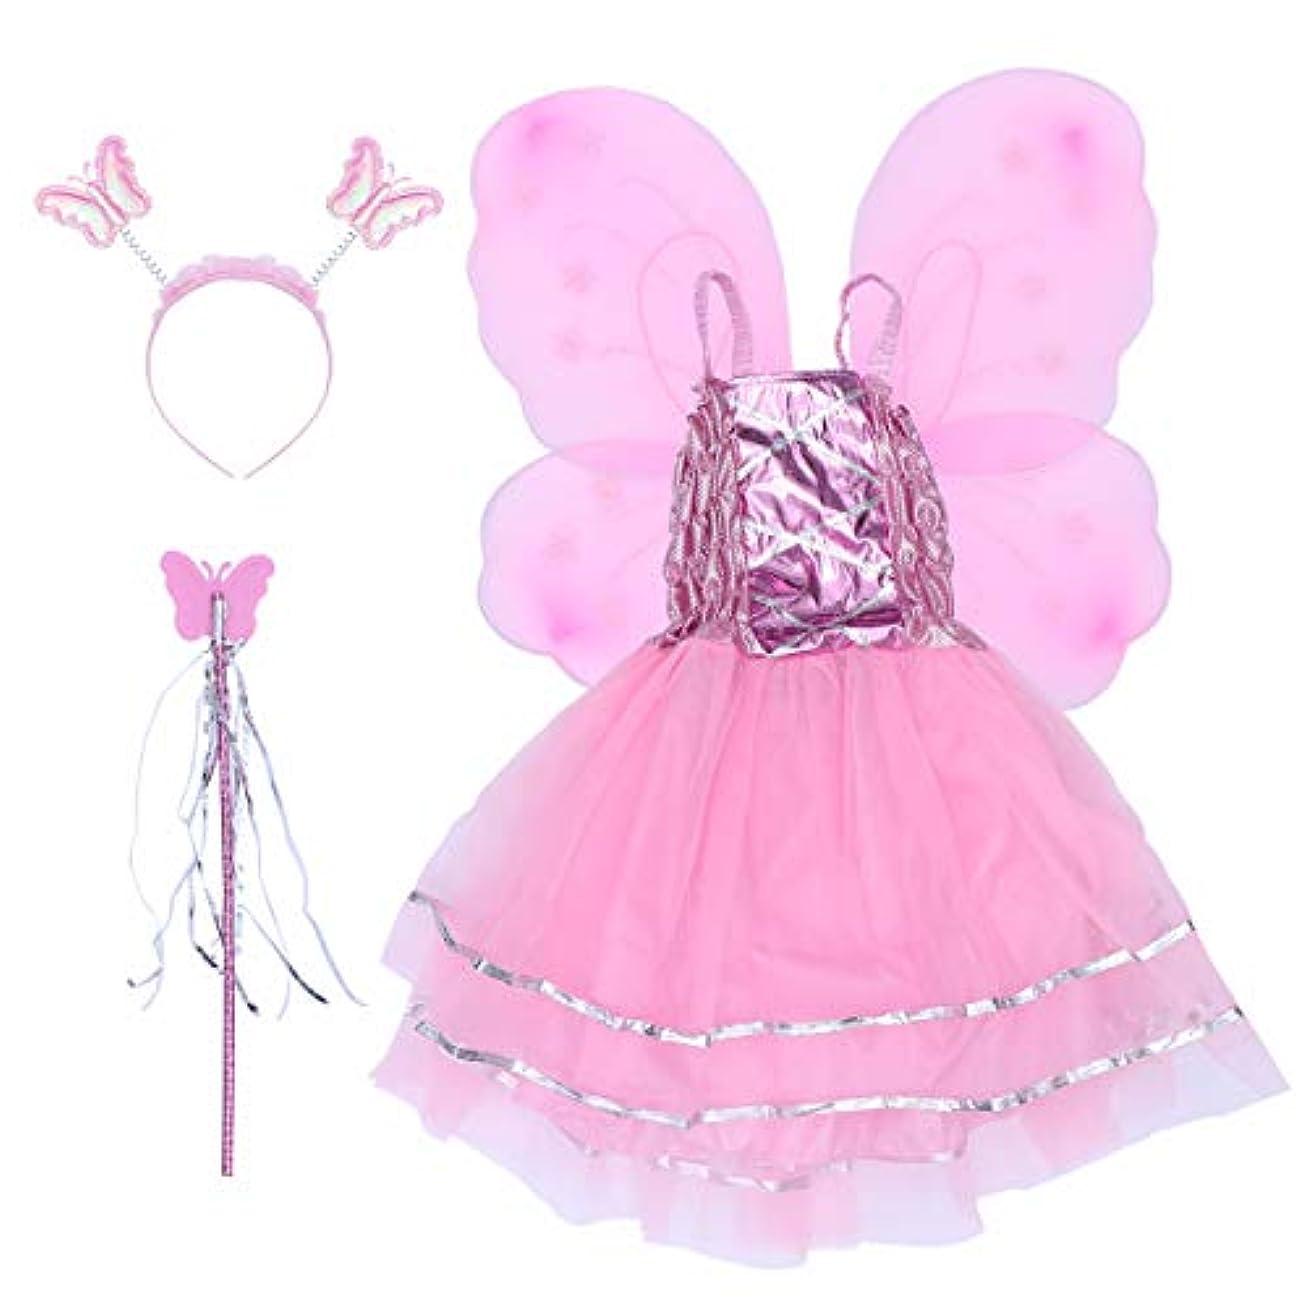 卒業パッチ治安判事BESTOYARD 4本の女の子バタフライプリンセス妖精のコスチュームセットバタフライウィング、ワンド、ヘッドバンドとツツードレス(ピンク)